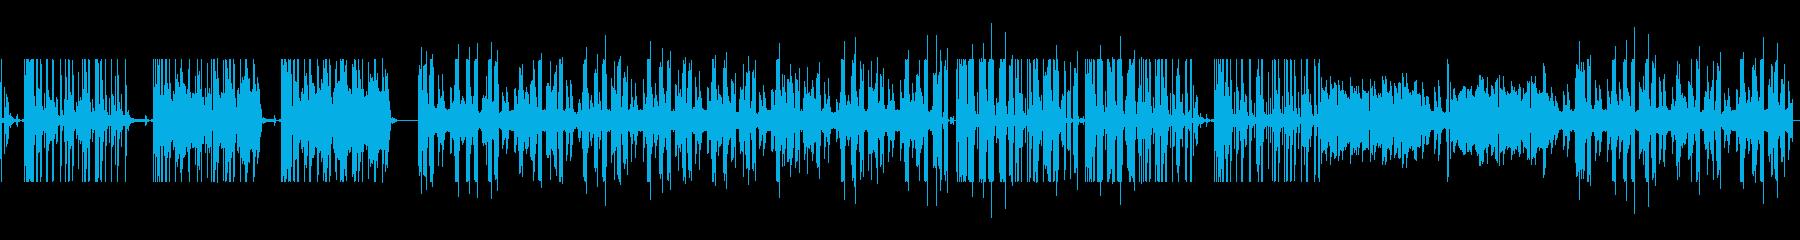 変則リズムで混沌としたサウンドの再生済みの波形